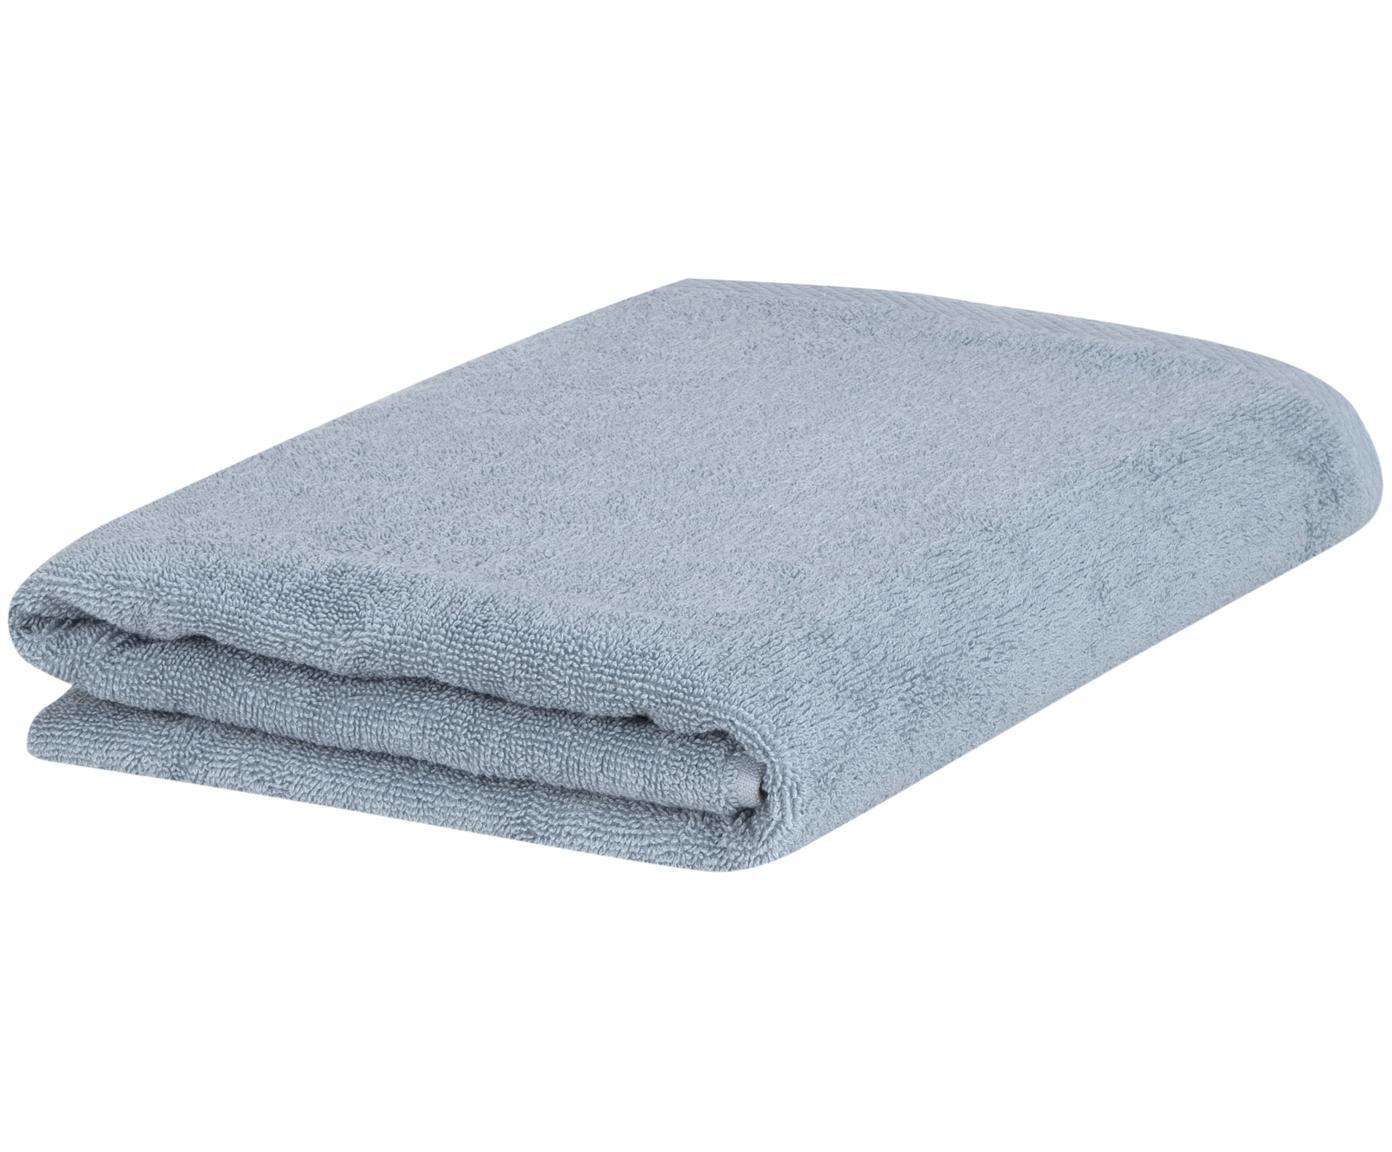 Einfarbiges Handtuch Comfort, Hellblau, Gästehandtuch